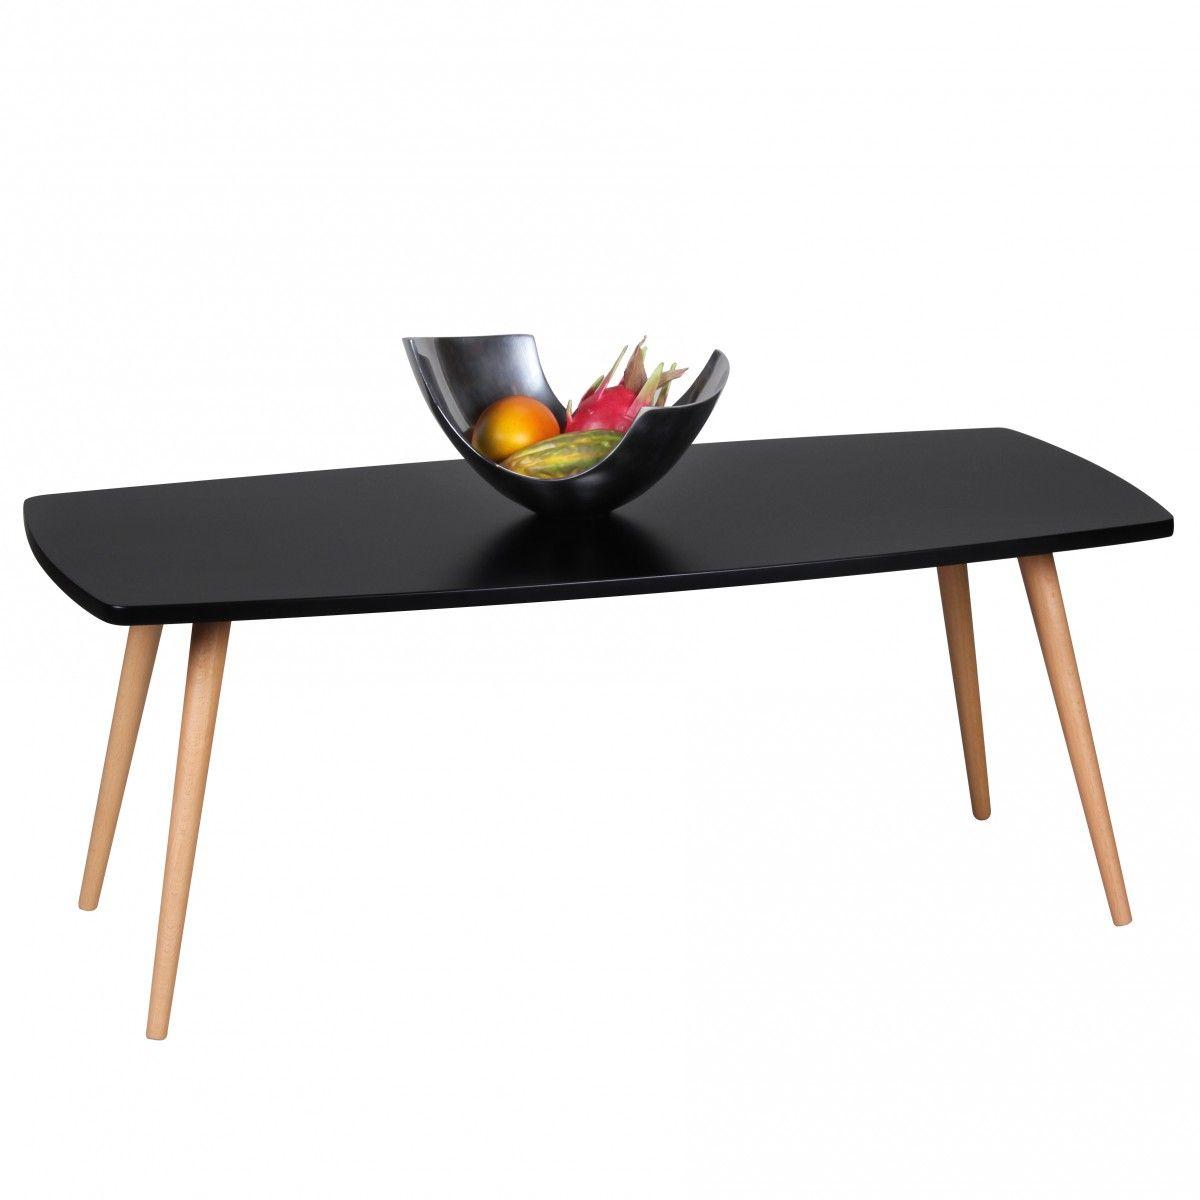 Couchtisch Beistelltisch - DAGNY - 110x50 cm Schwarz matt Buche massiv